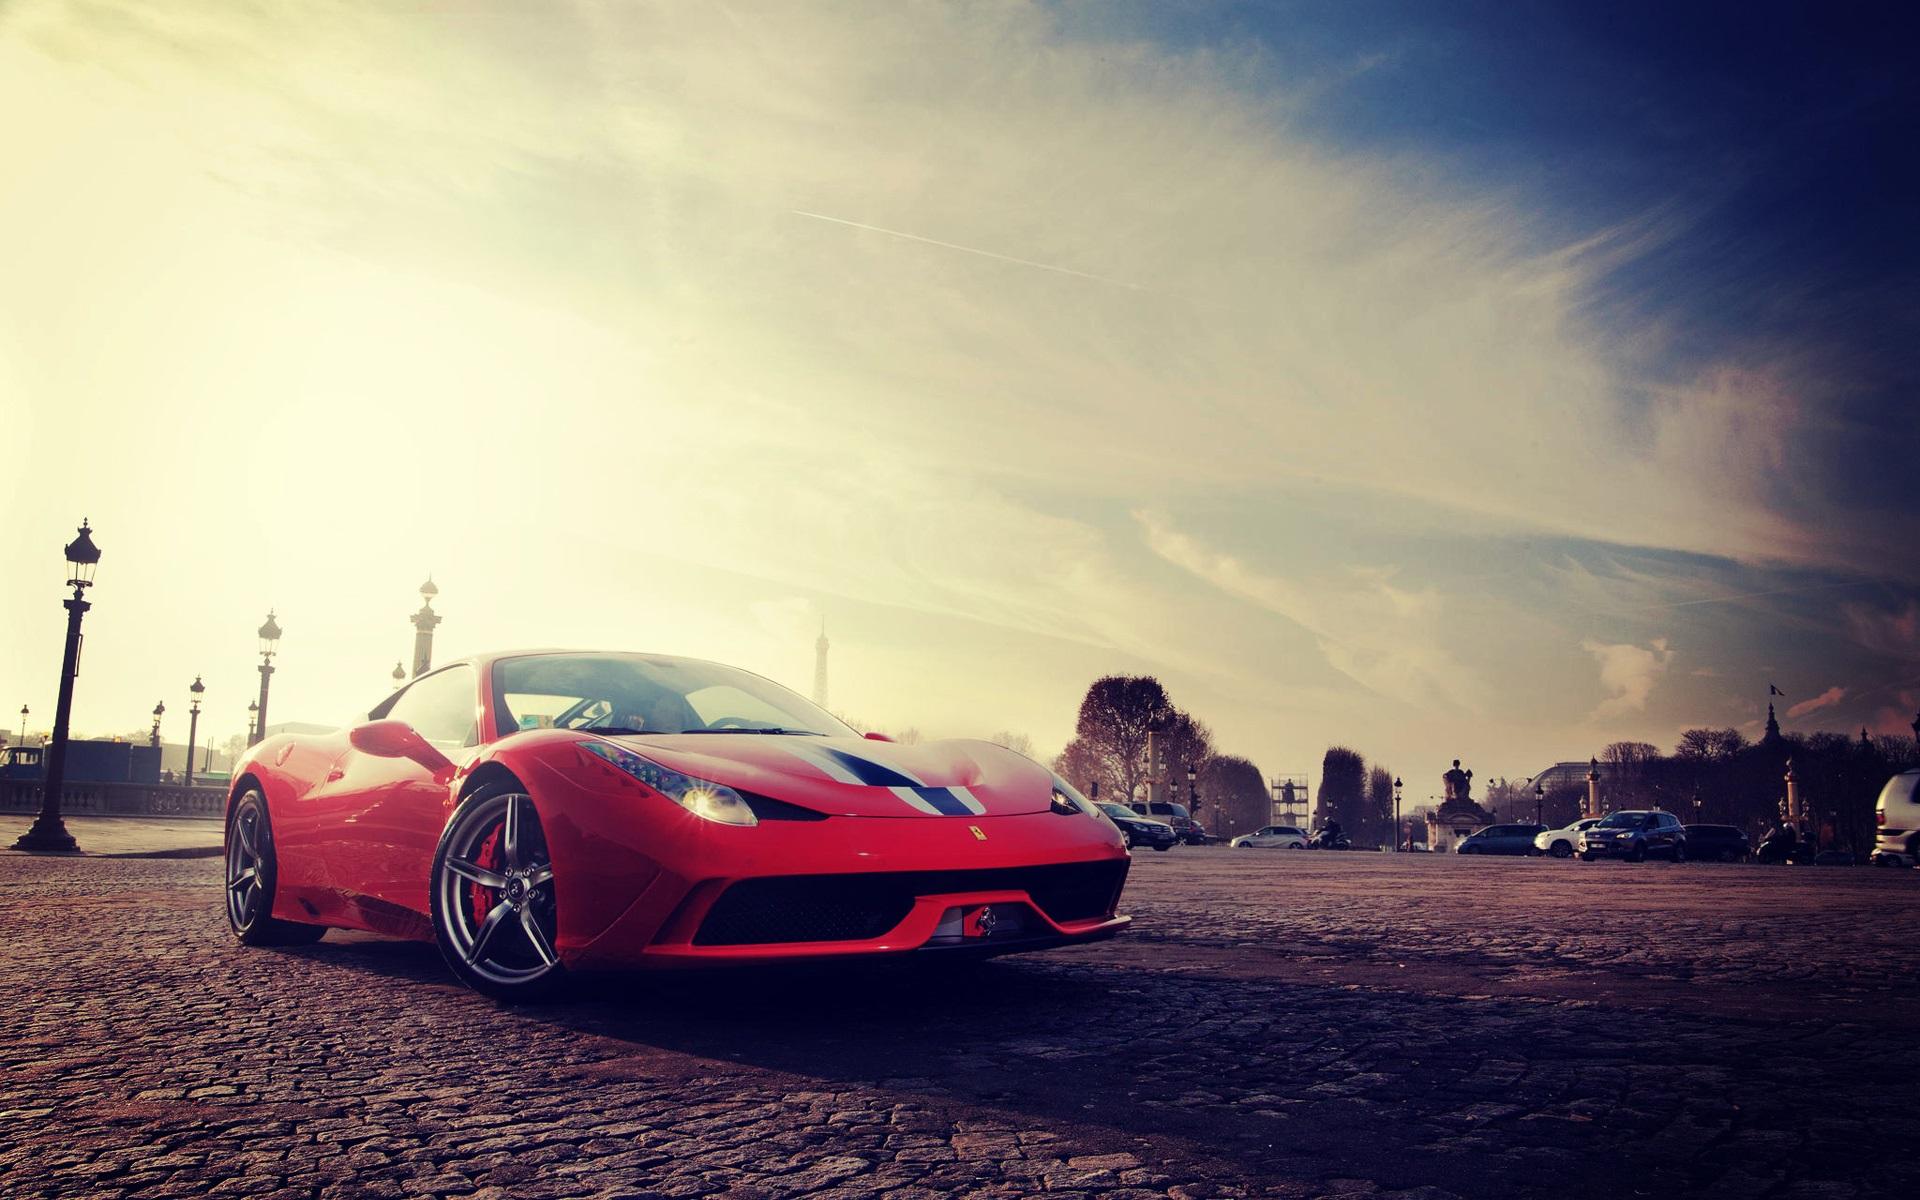 Fondos De Pantalla Ferrari 458 Speciale Vista Frontal